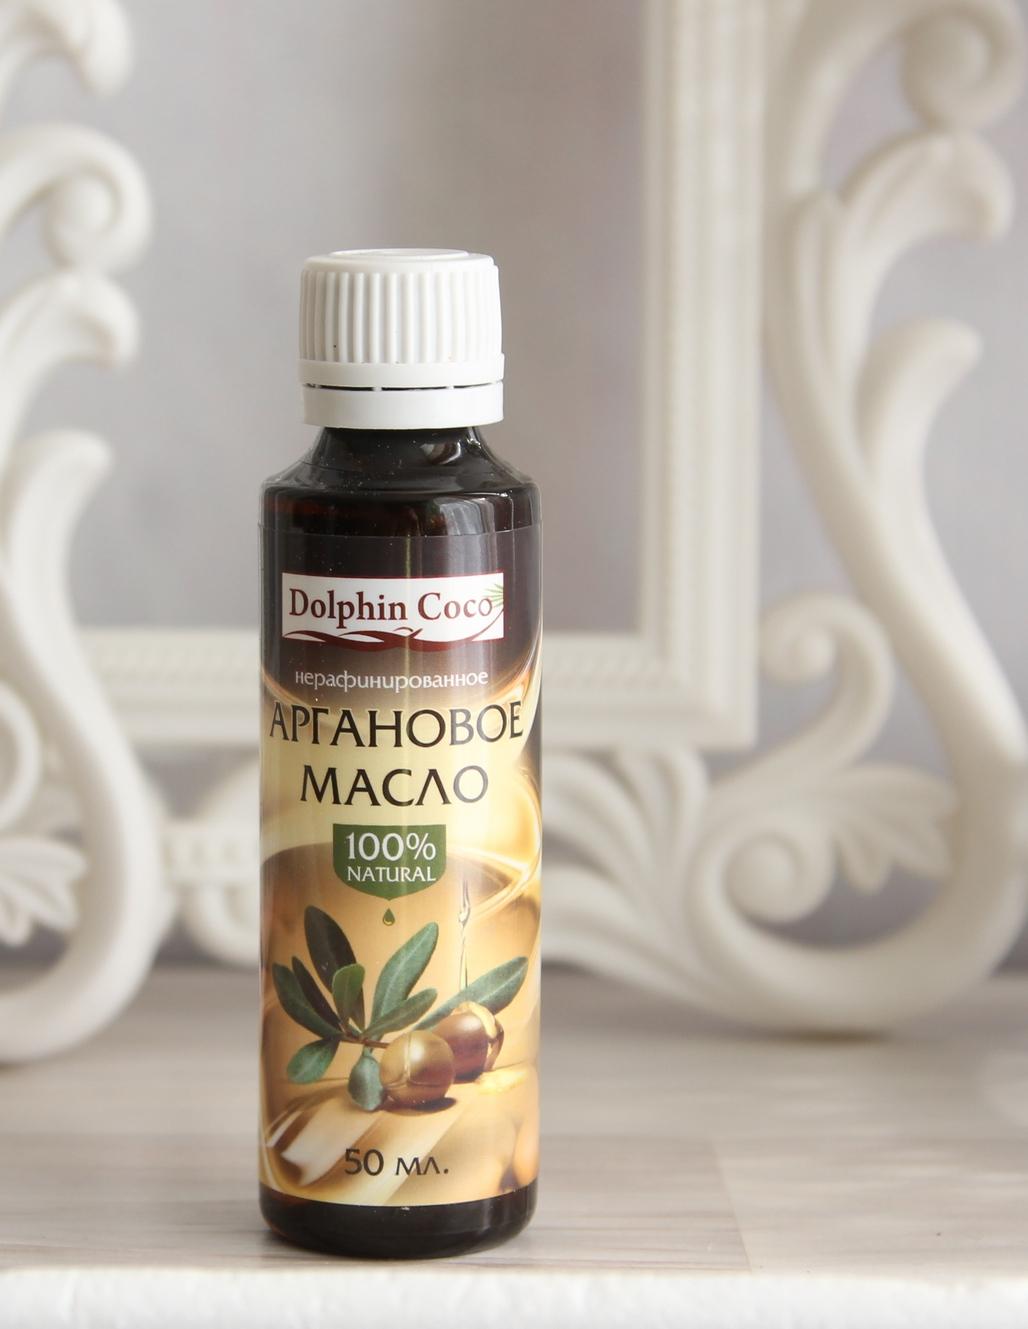 Ухаживаем за волосами по-мароккански – используем арагановое масло 48